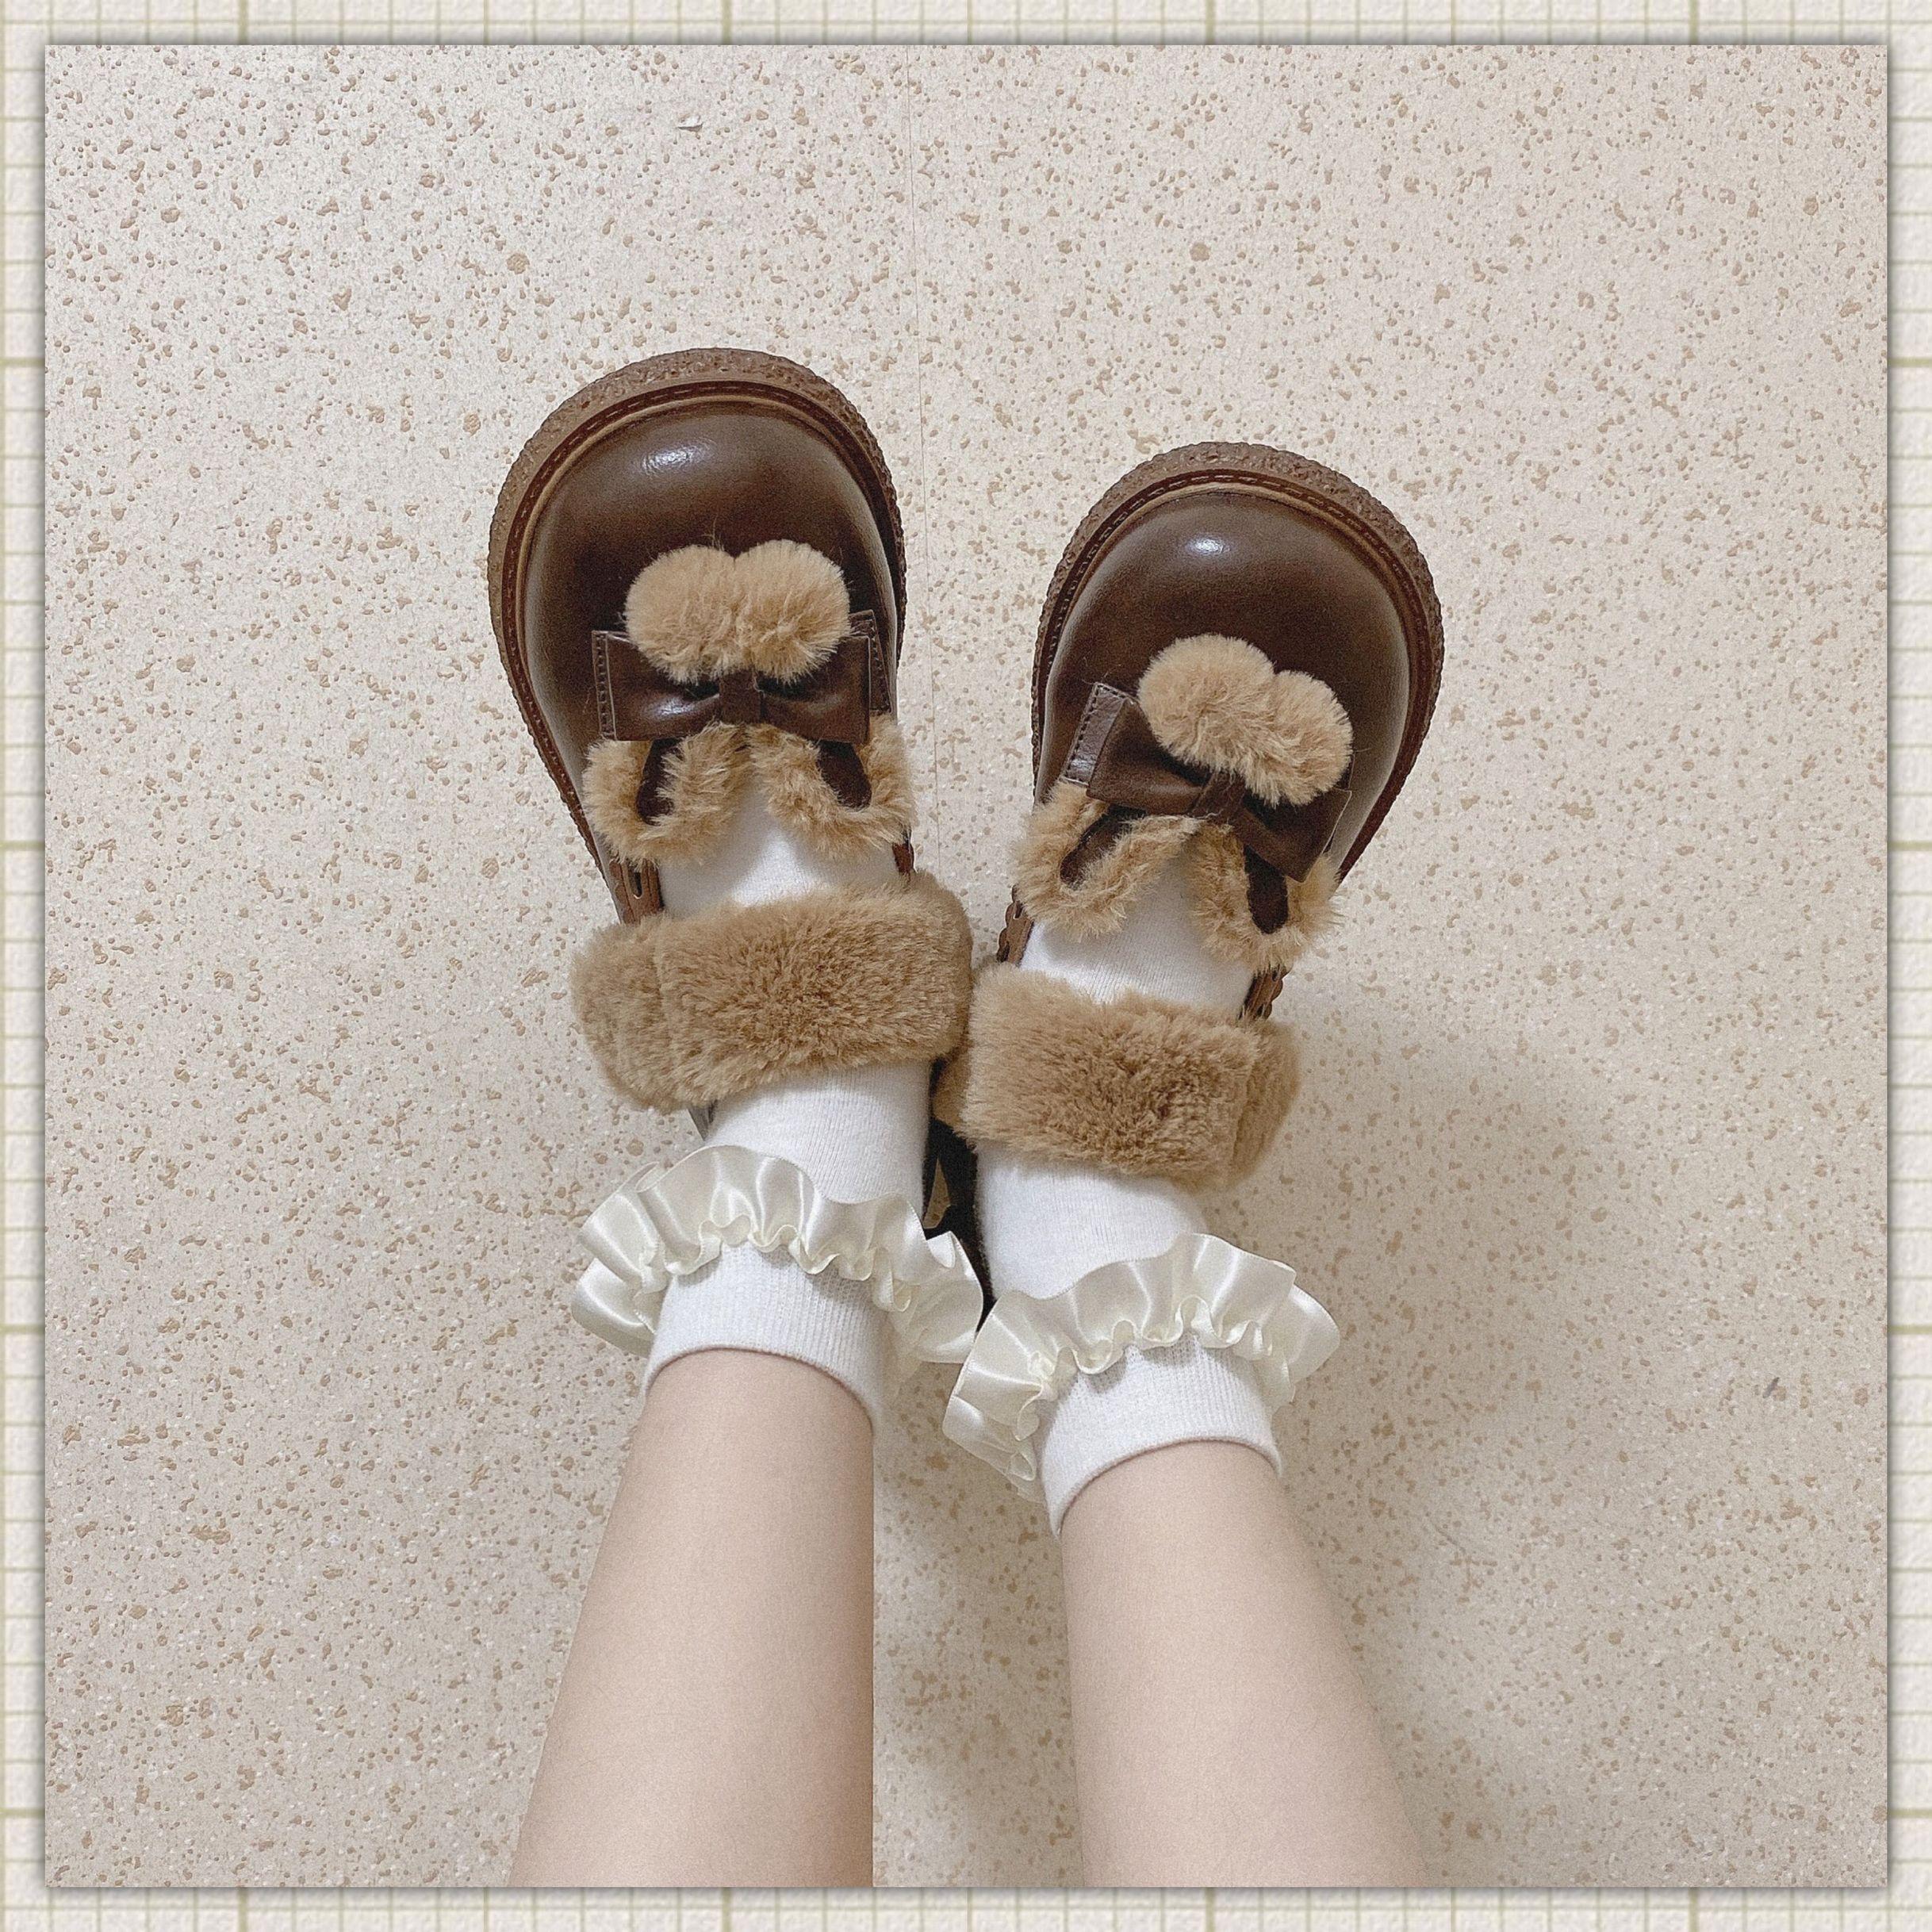 GURURU 绒绒奶兔 原创冬季大头娃娃鞋兔耳可爱毛绒圆头皮鞋